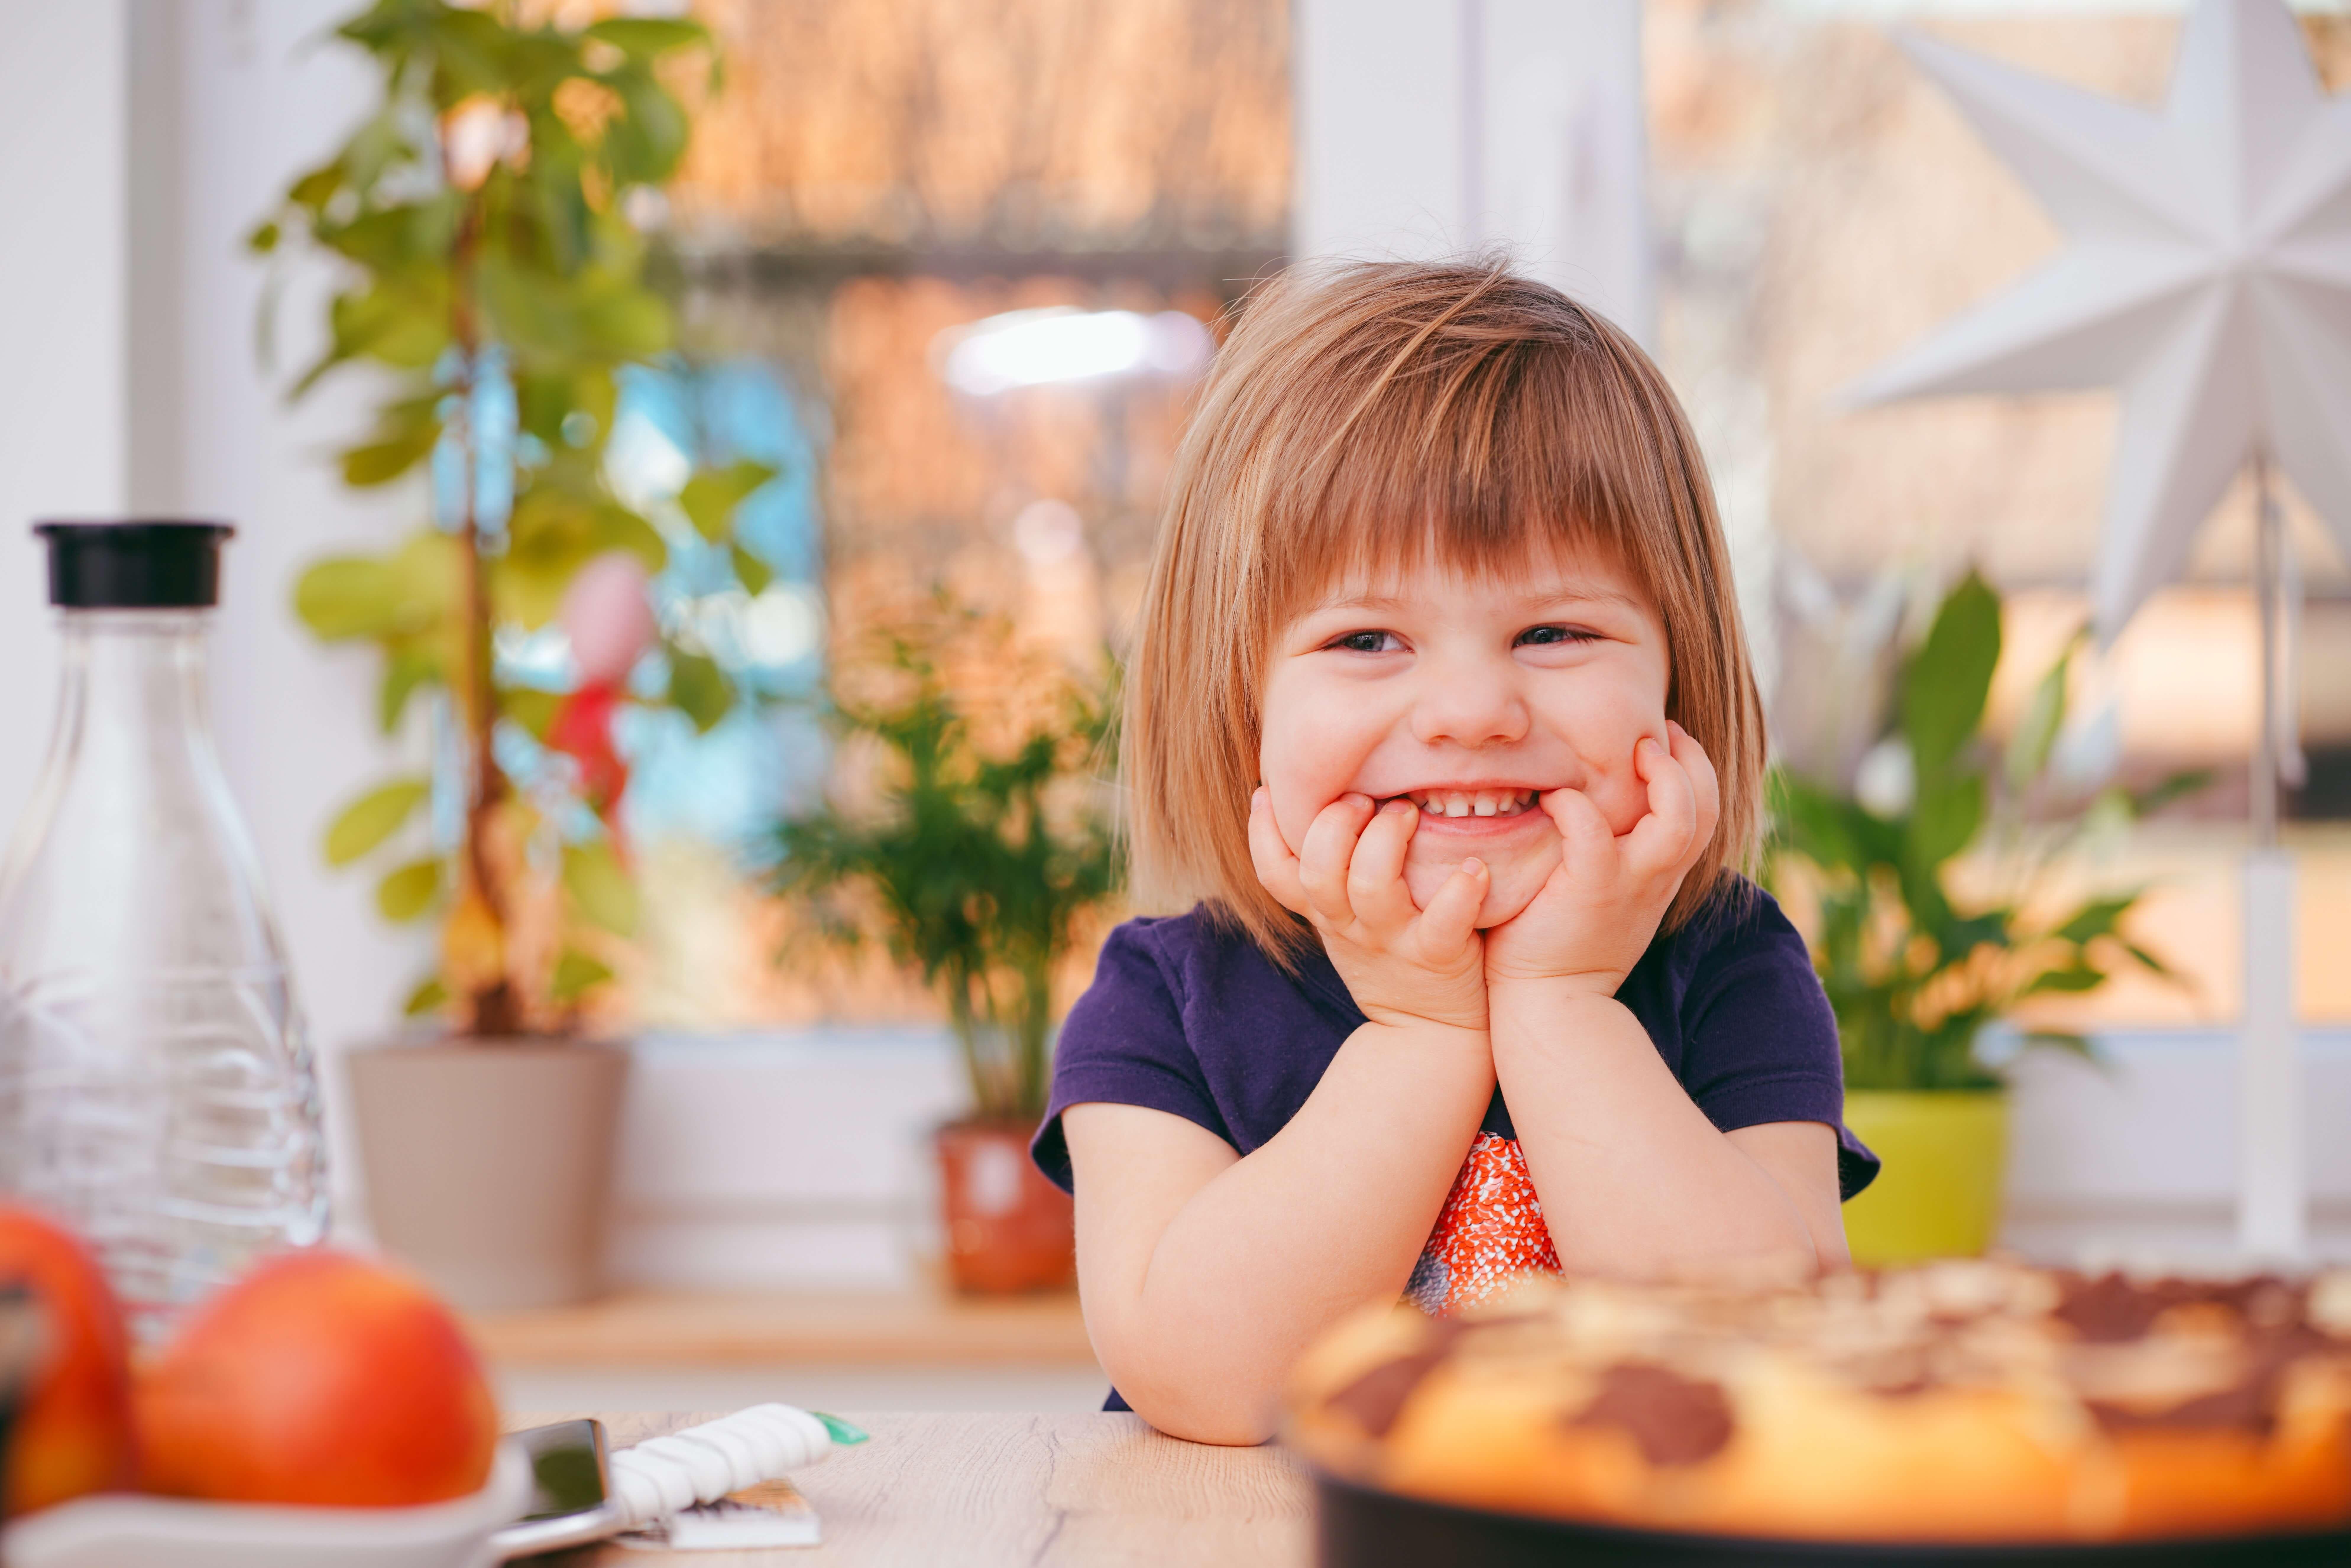 uma criança sorridente com a cara apoiada nas mãos